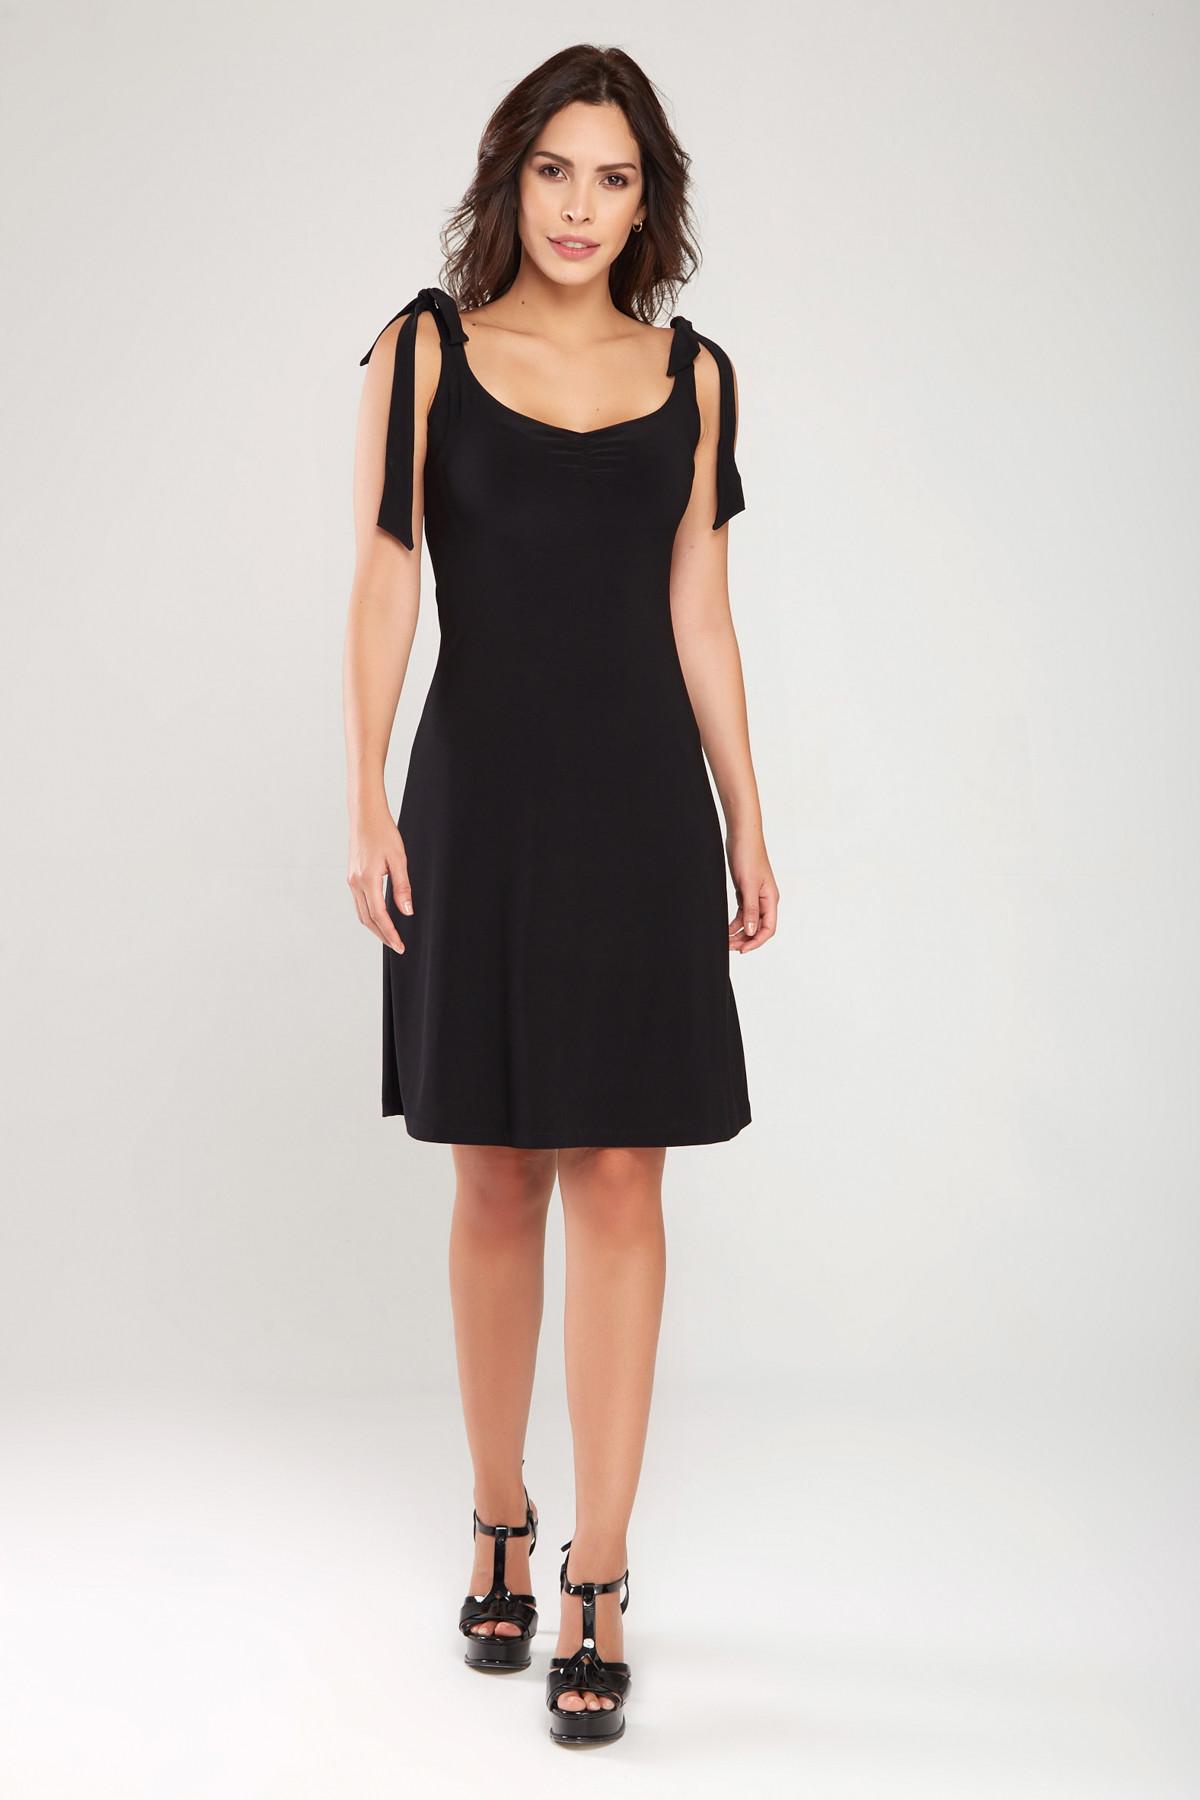 Kadın Siyah Omuzdan Bağlamalı Elbise 18L6358